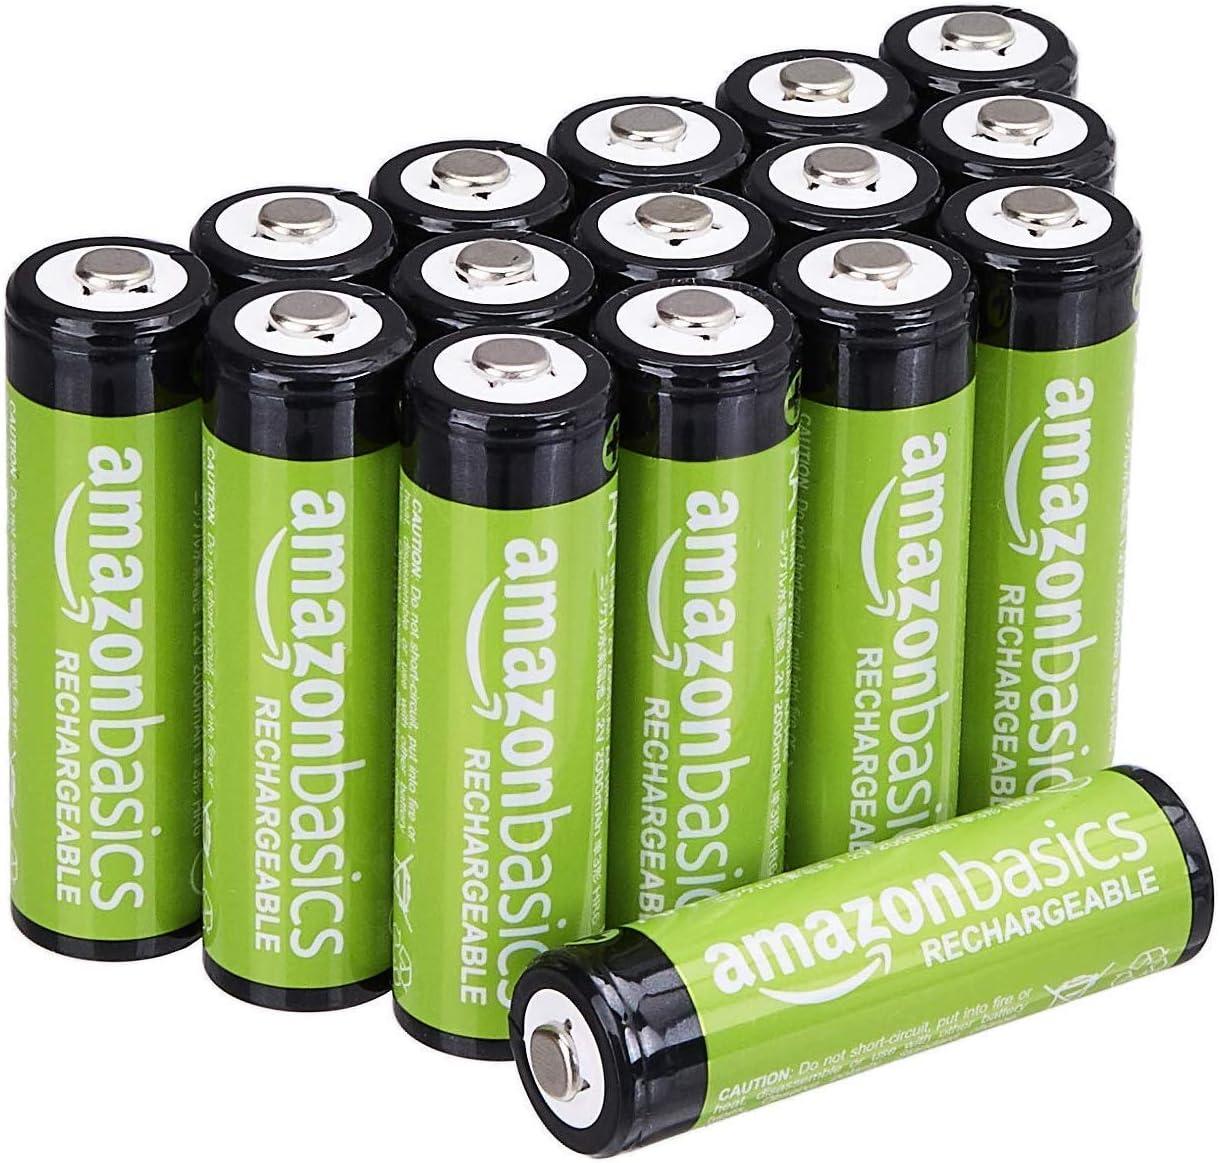 Amazon.de: Amazon Basics 16-Pack AA-Akkus, Leistung 2.000 mAh Akku, vorgeladen, bis zu 1000x aufladen: Gesundheit &  Haushalt